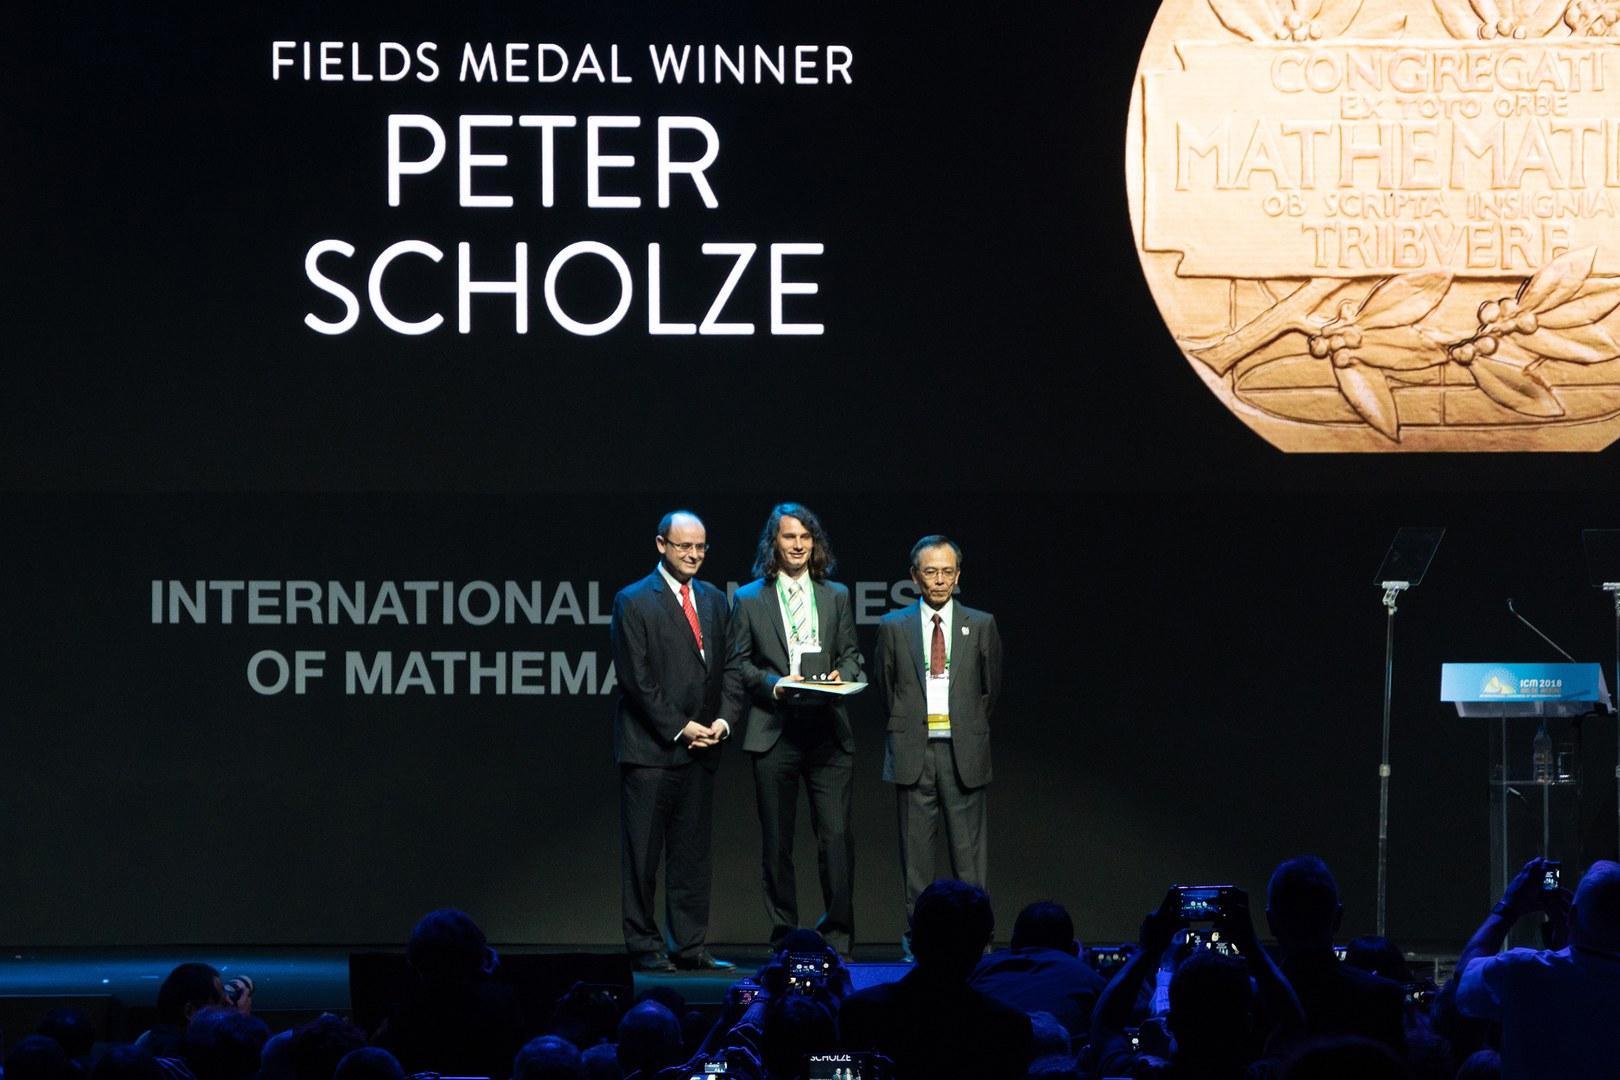 Jetzt ist es wahr: Peter Scholze hat die Fields-Medaille erhalten.